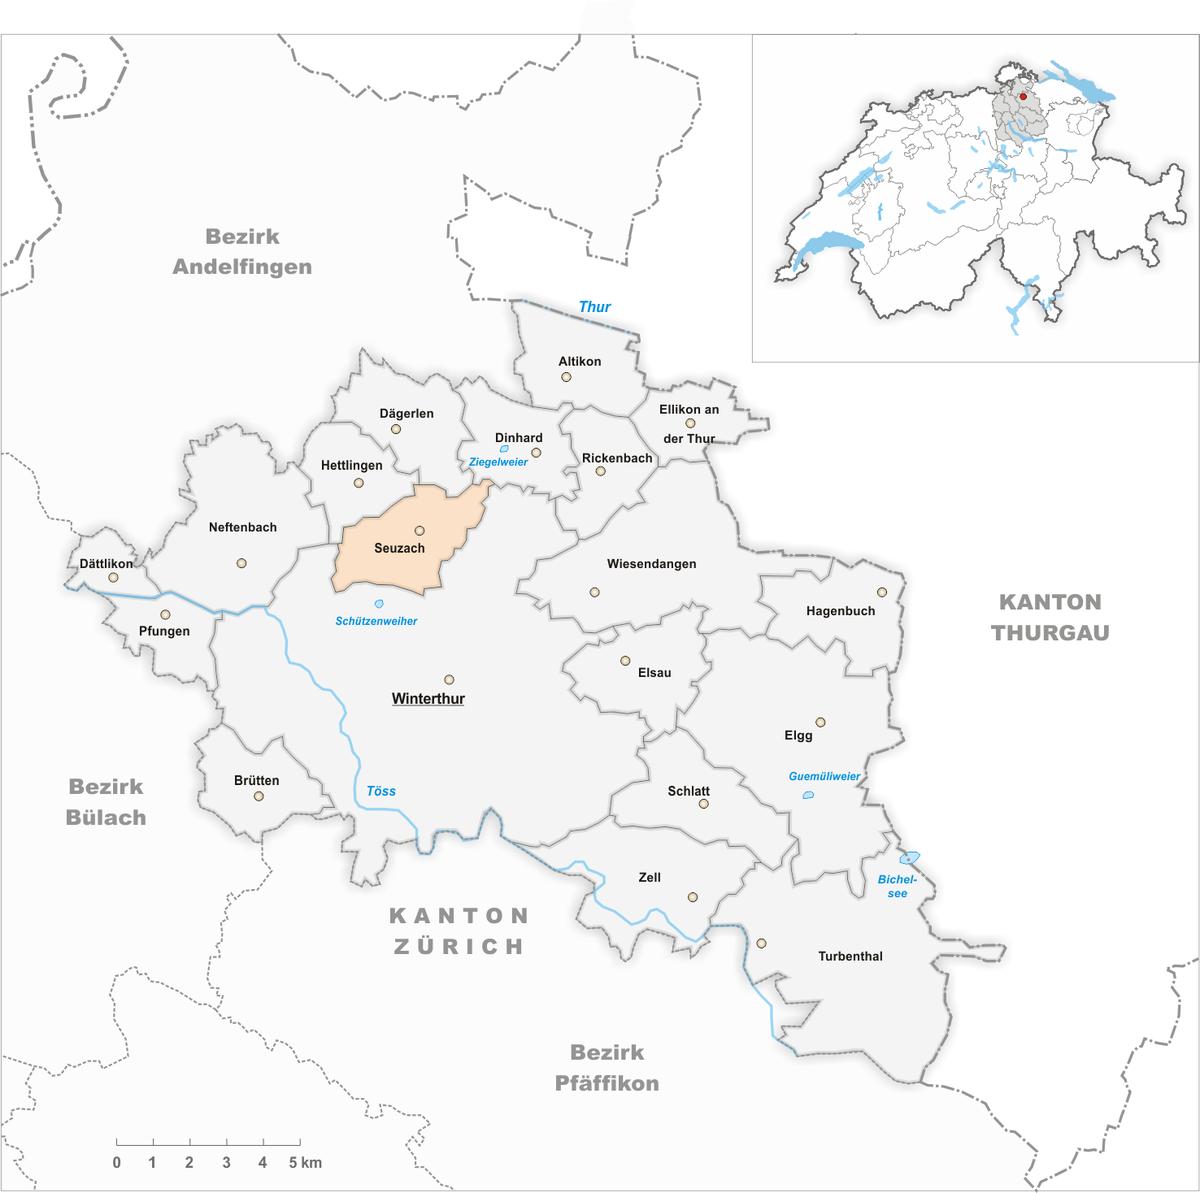 Seuzach – Wikipedia